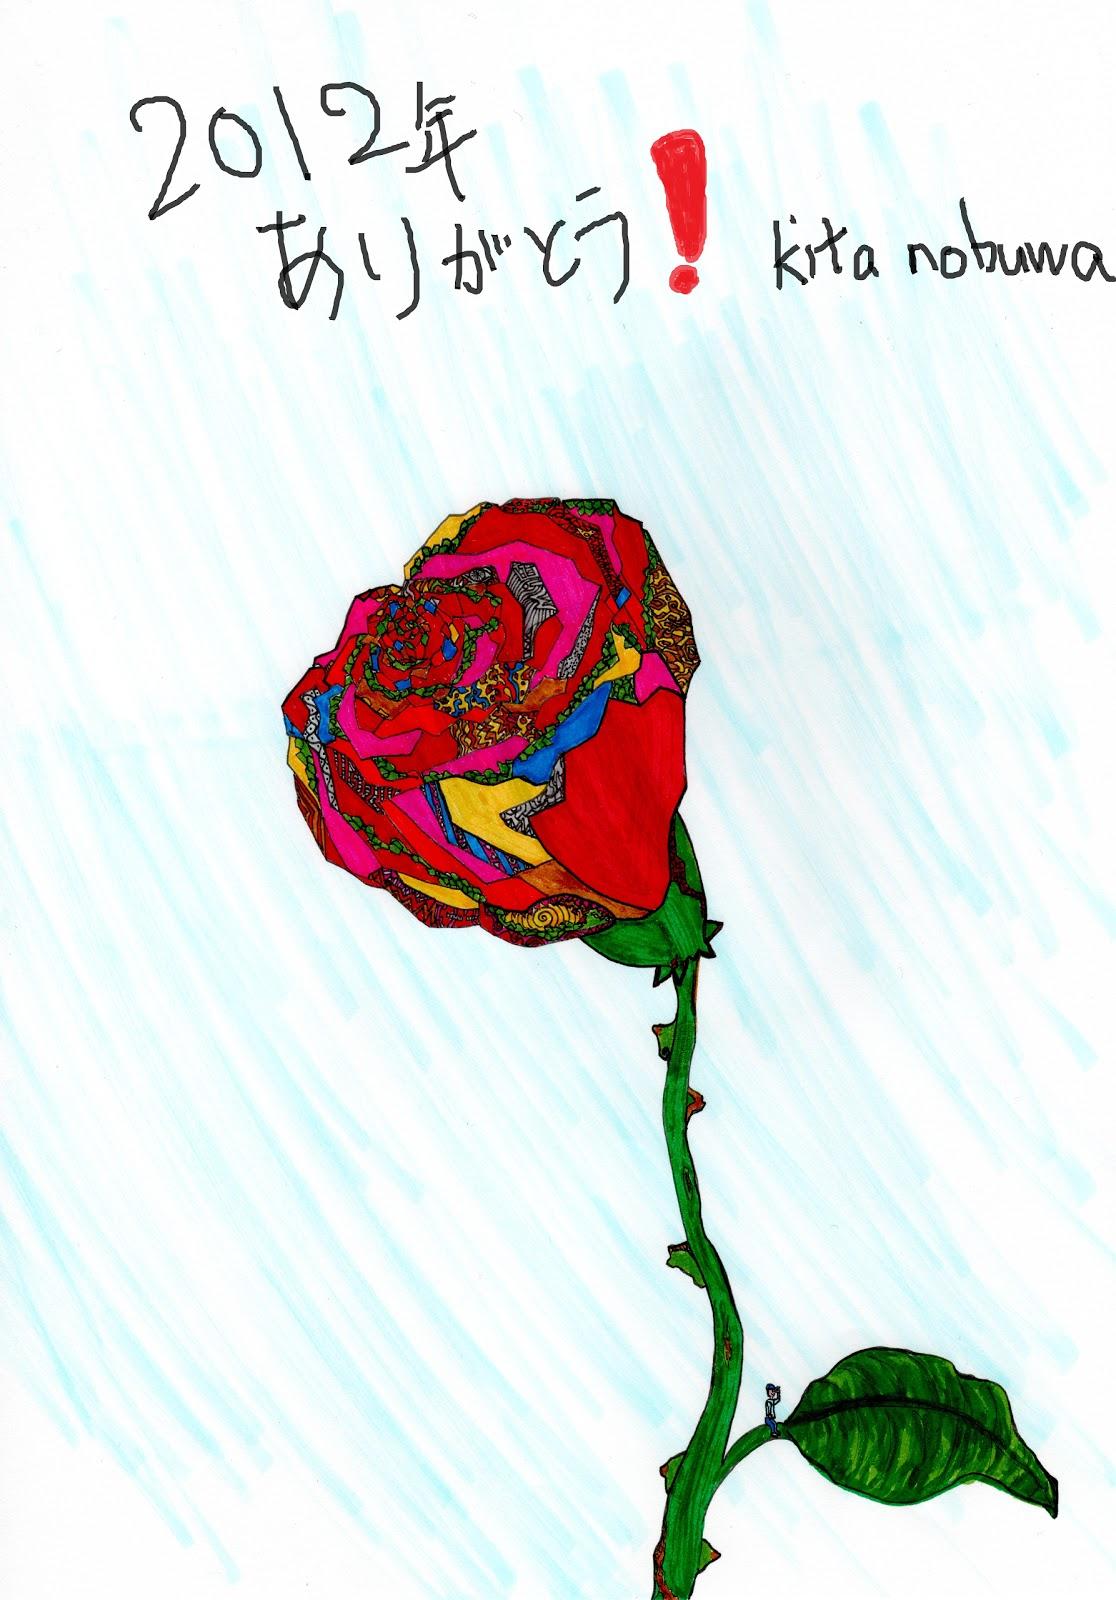 2012 薔薇の花 / Roses 2012